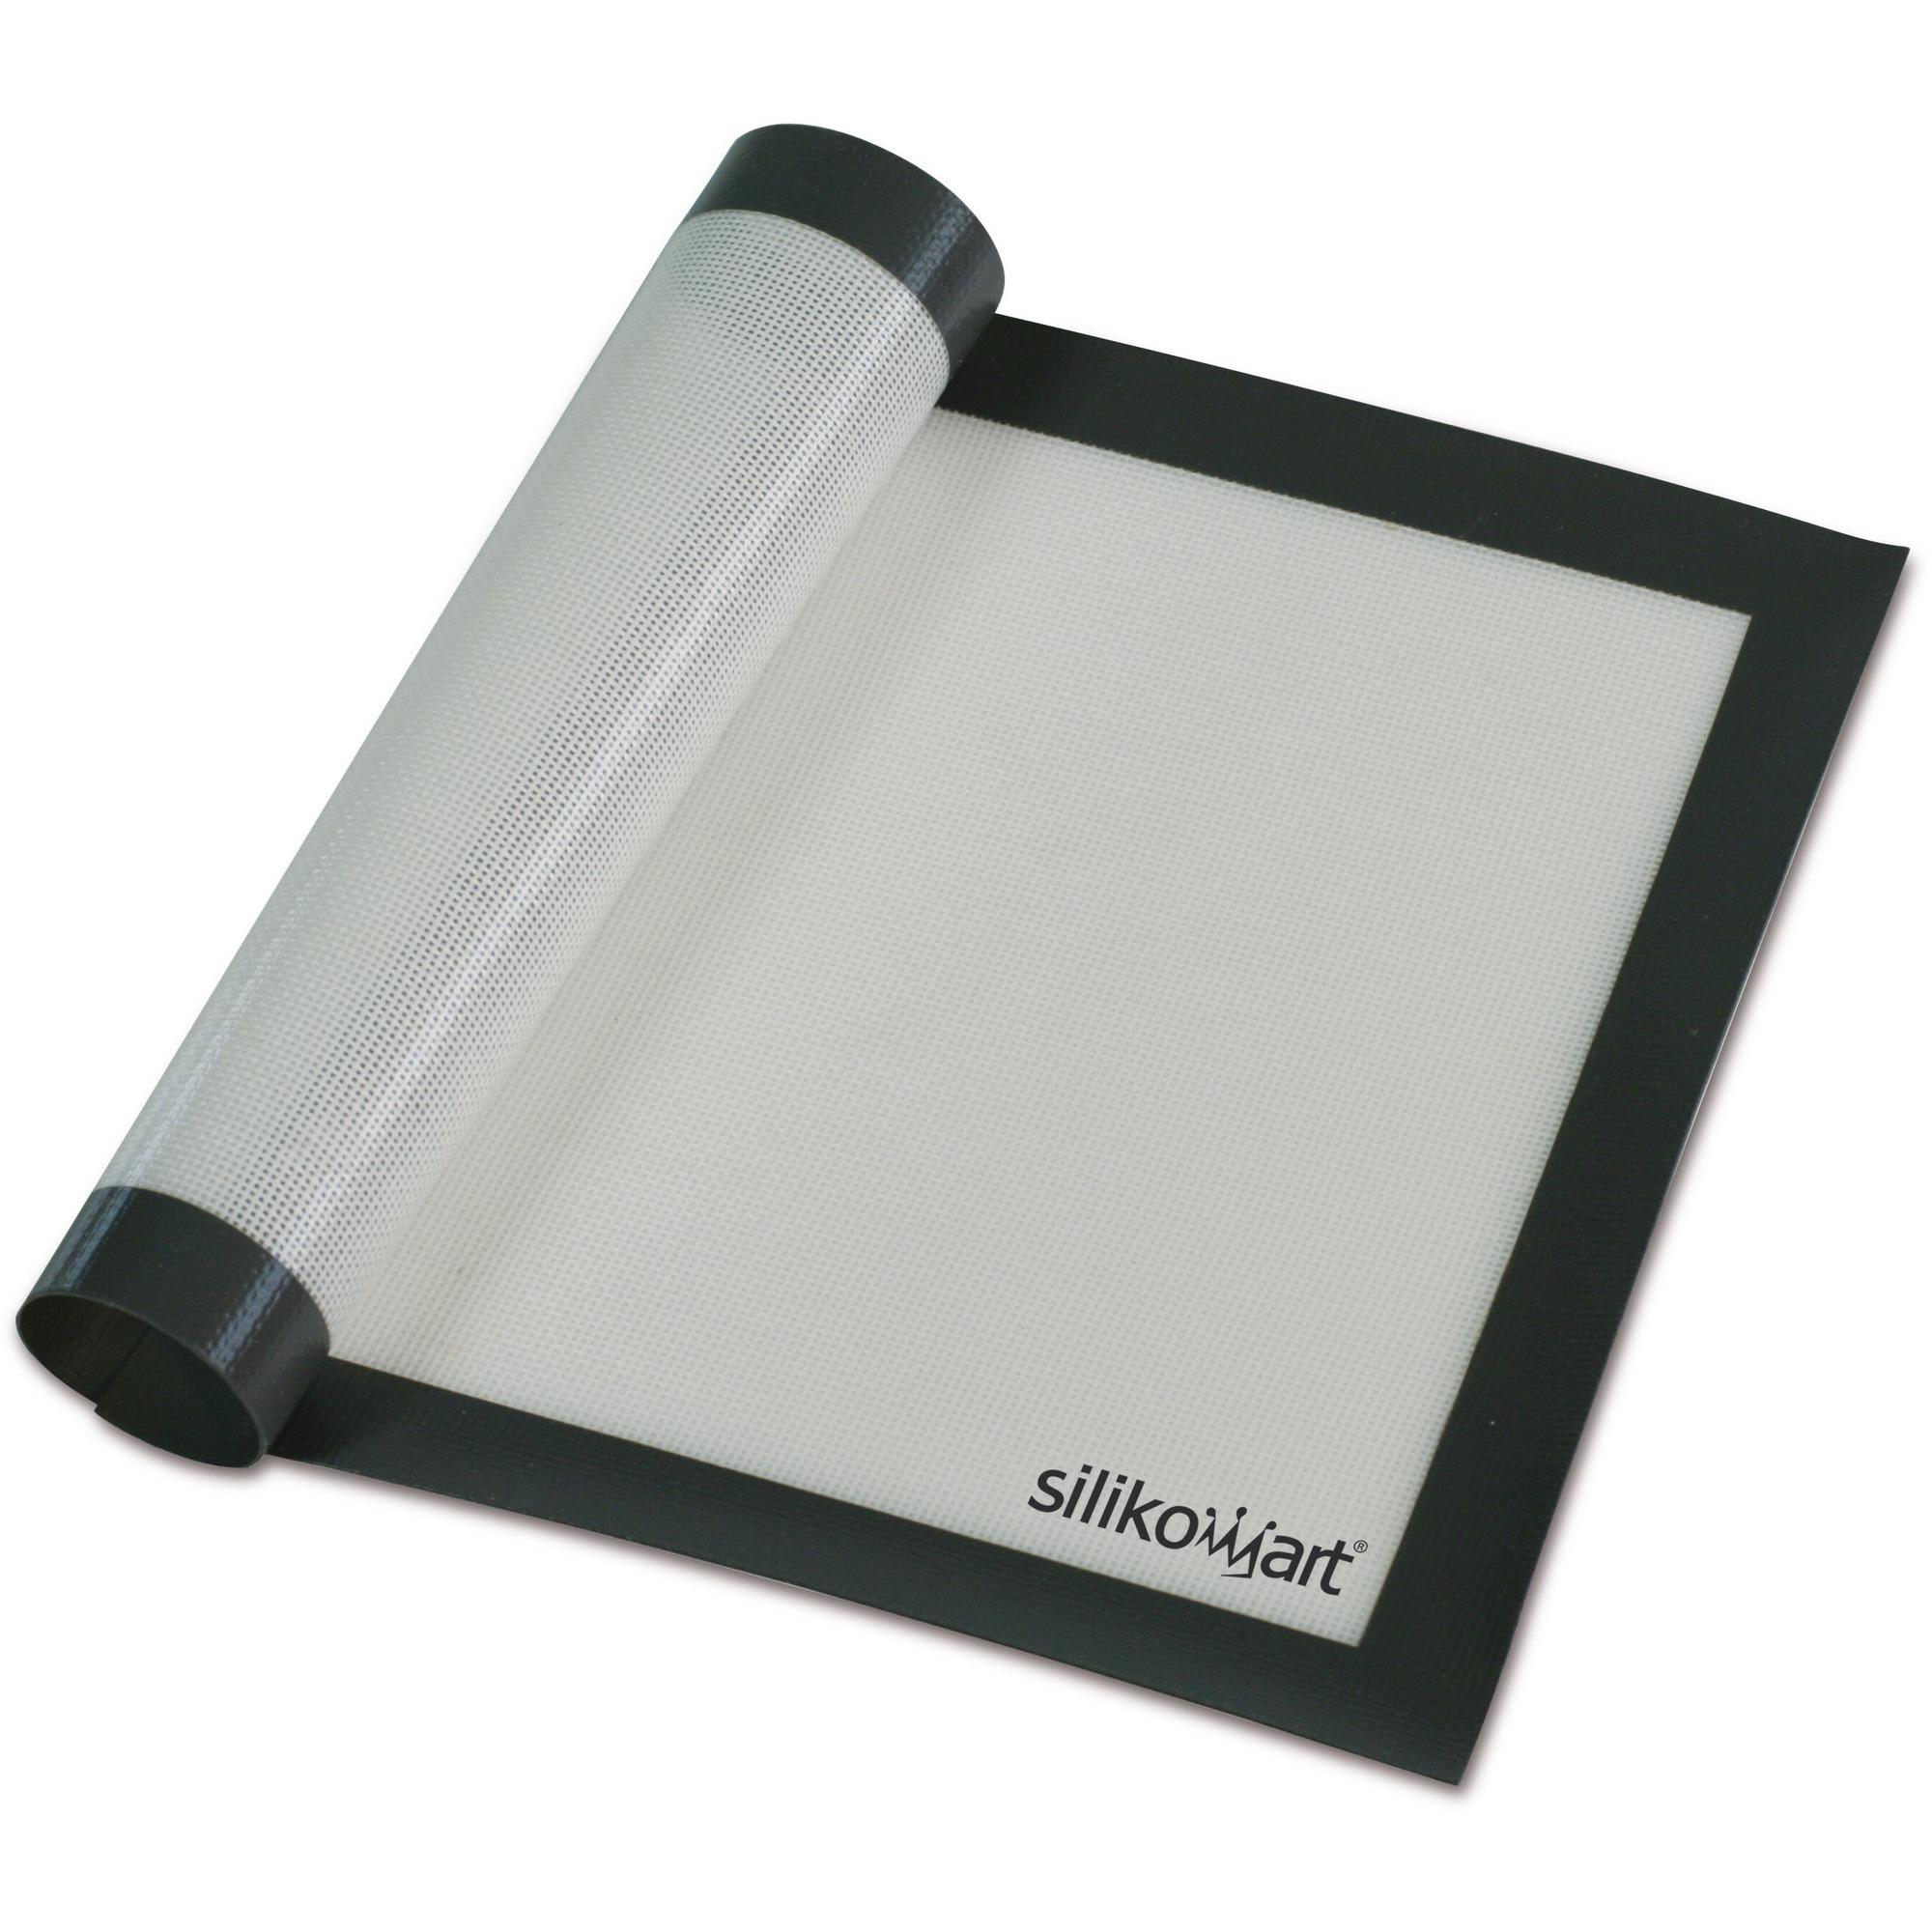 Silikomart Bakduk i Glasfiber/Silikon